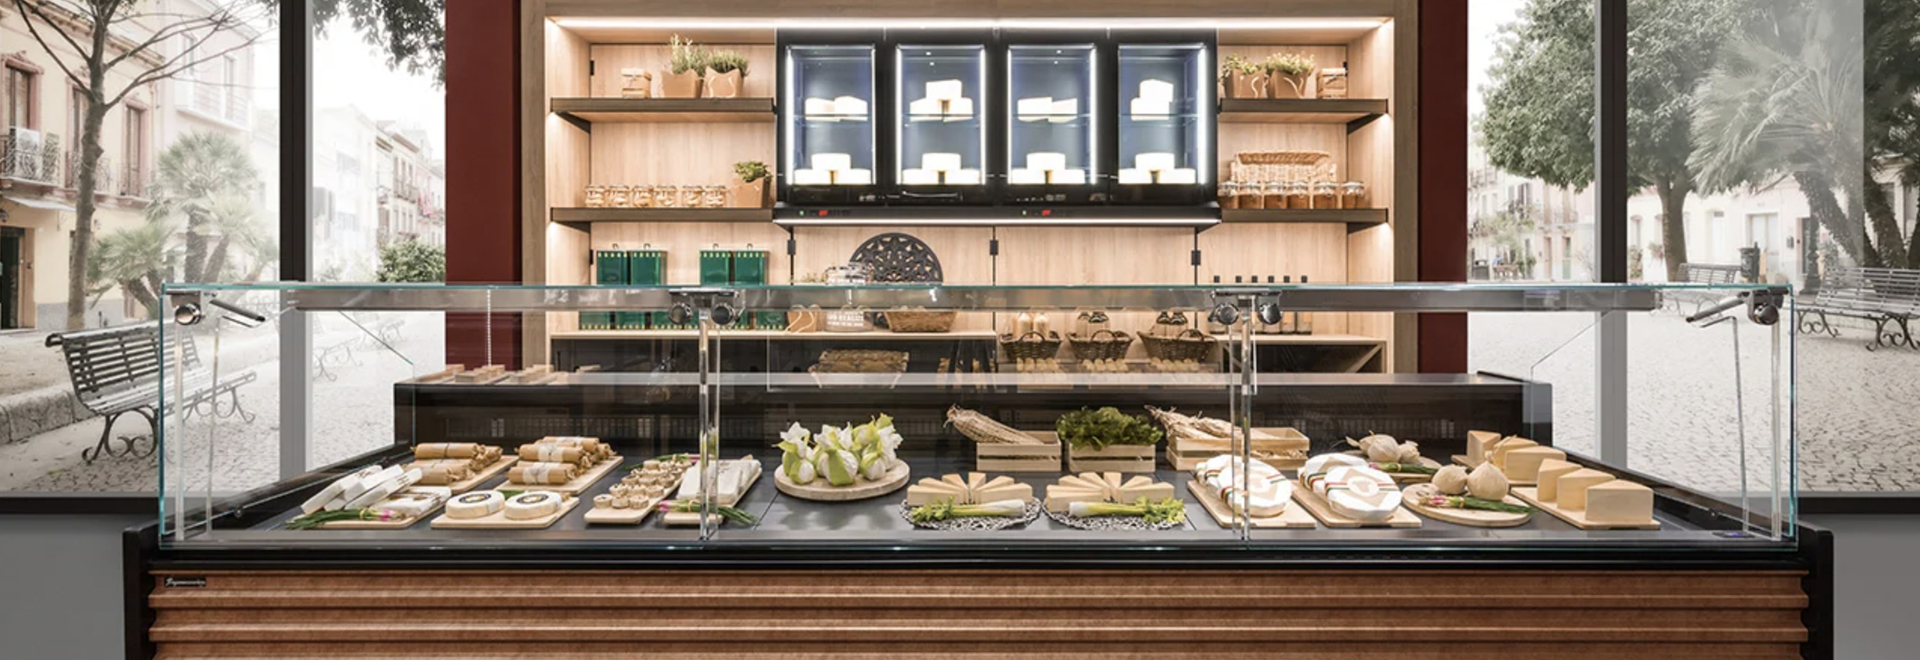 Frigomeccanica presenta la nuova serie di banchi food ad alta tecnologia